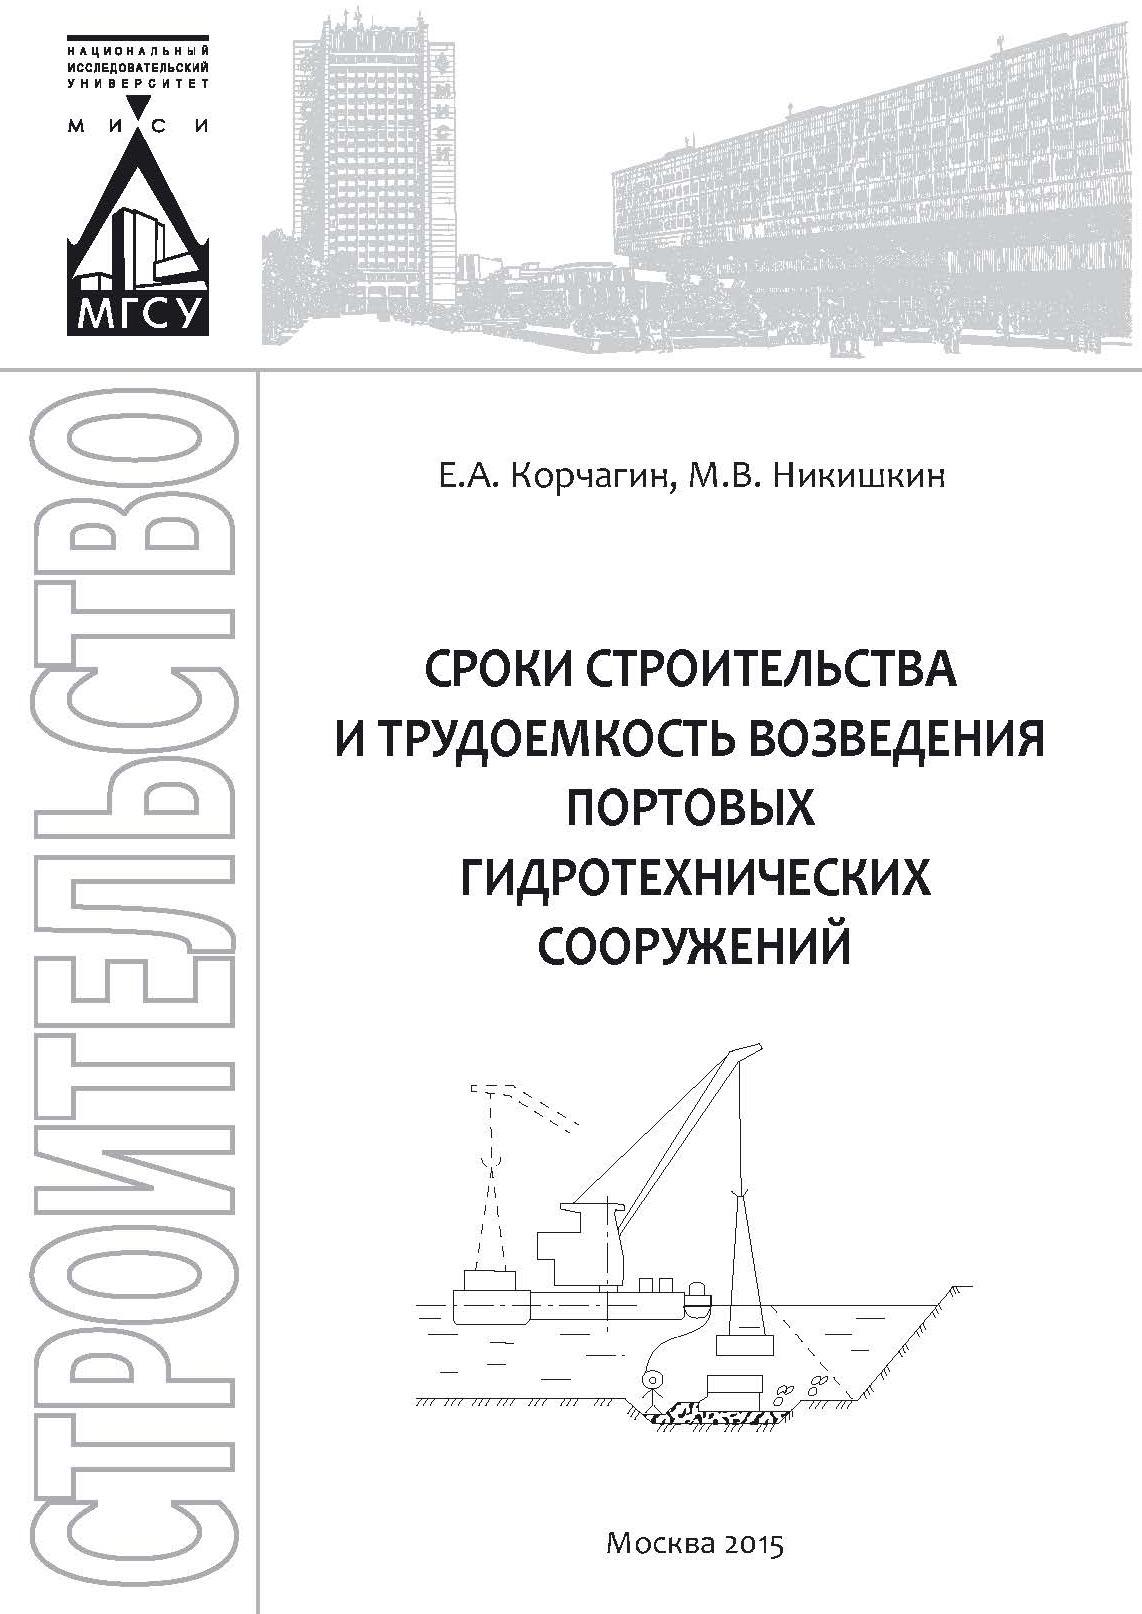 Е. А. Корчагин Сроки строительства и трудоемкость возведения портовых гидротехнических сооружений